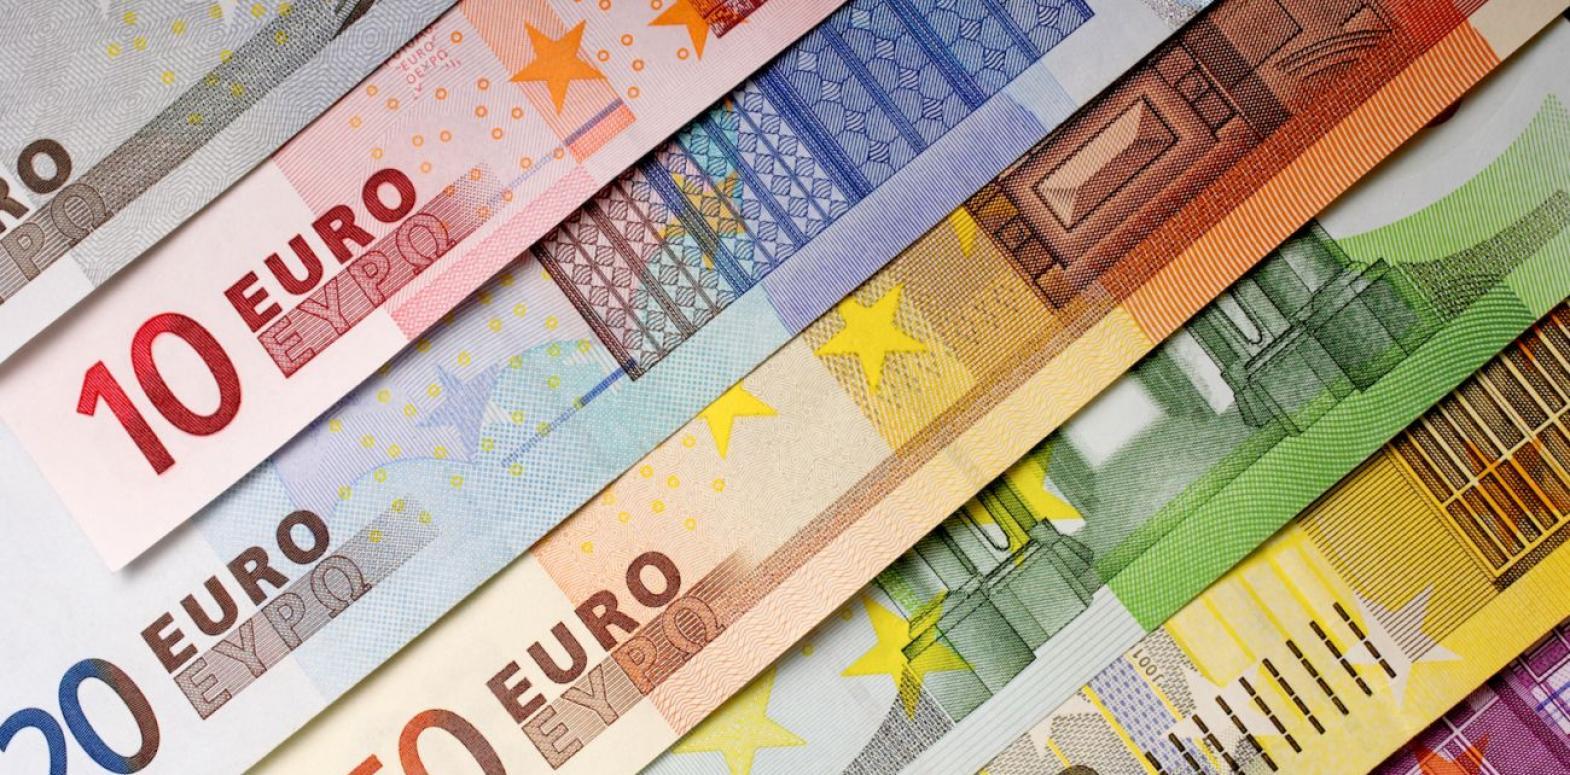 Курс евро вырос до максимума до максимума с февраля 2018 года